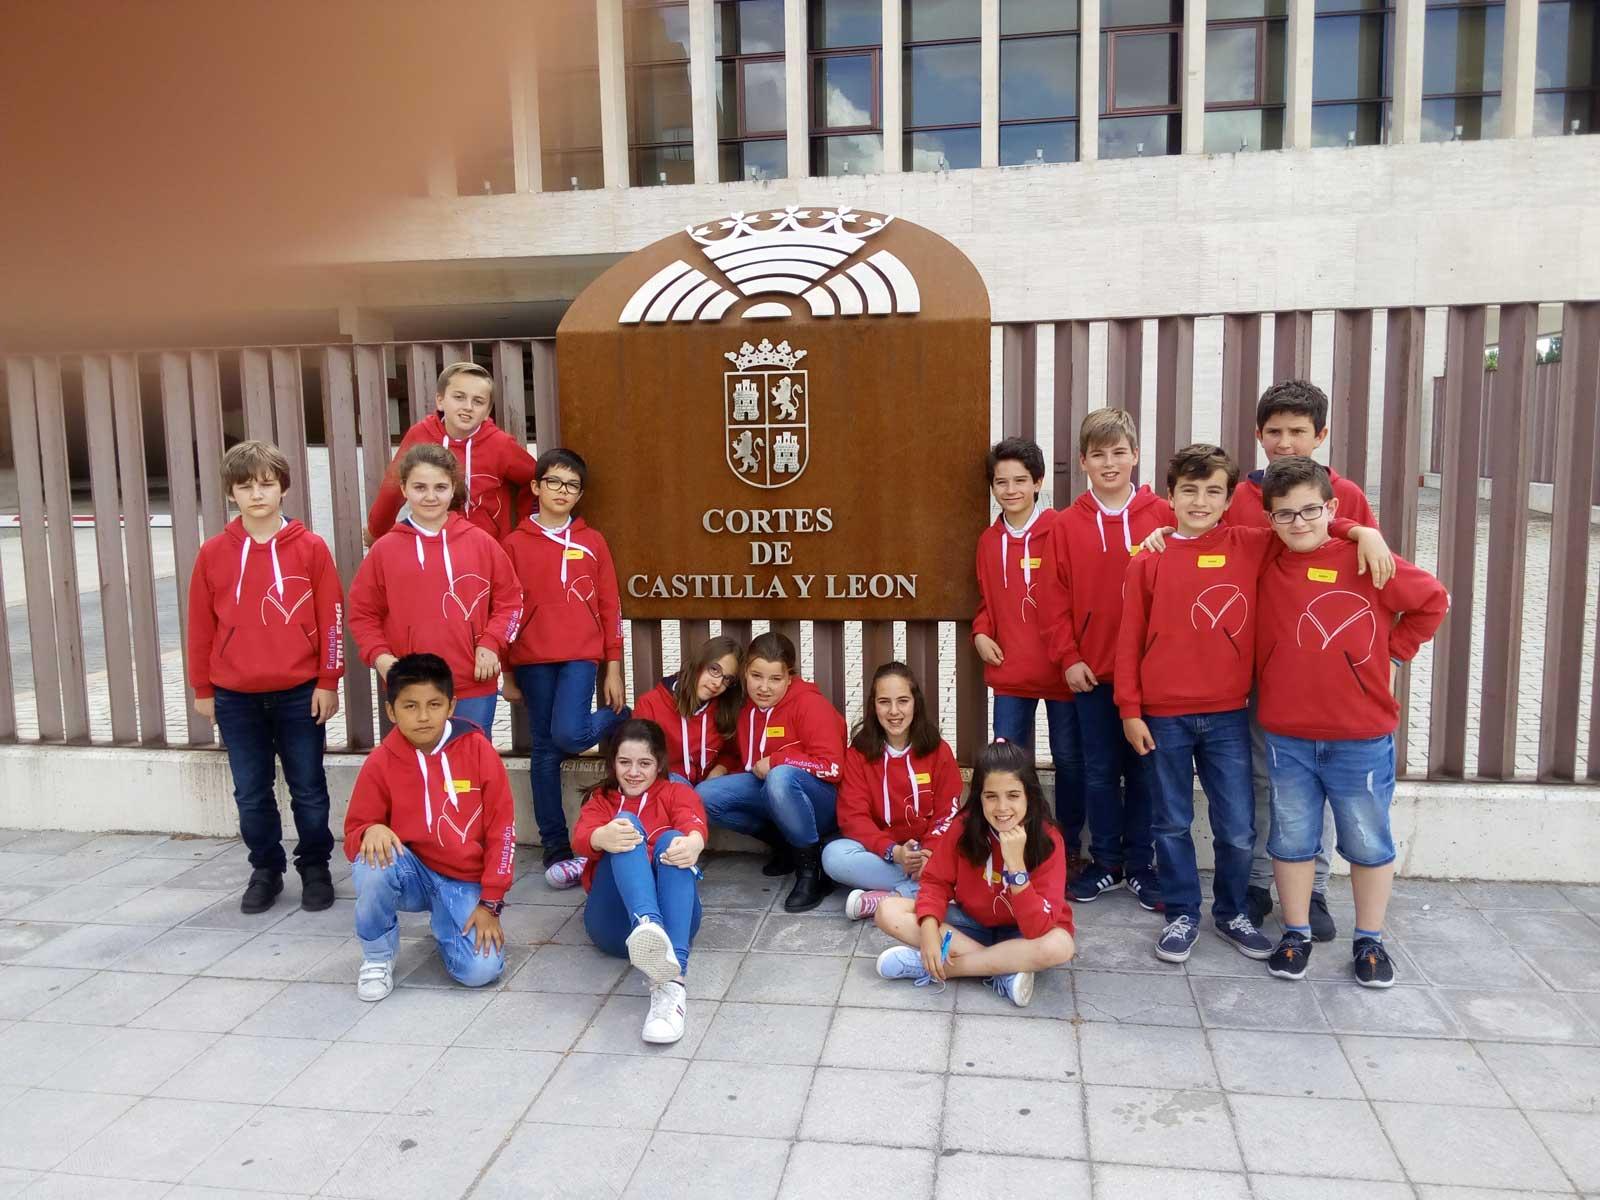 Los-estudiantes-a-la-llegada-a-las-Cortes